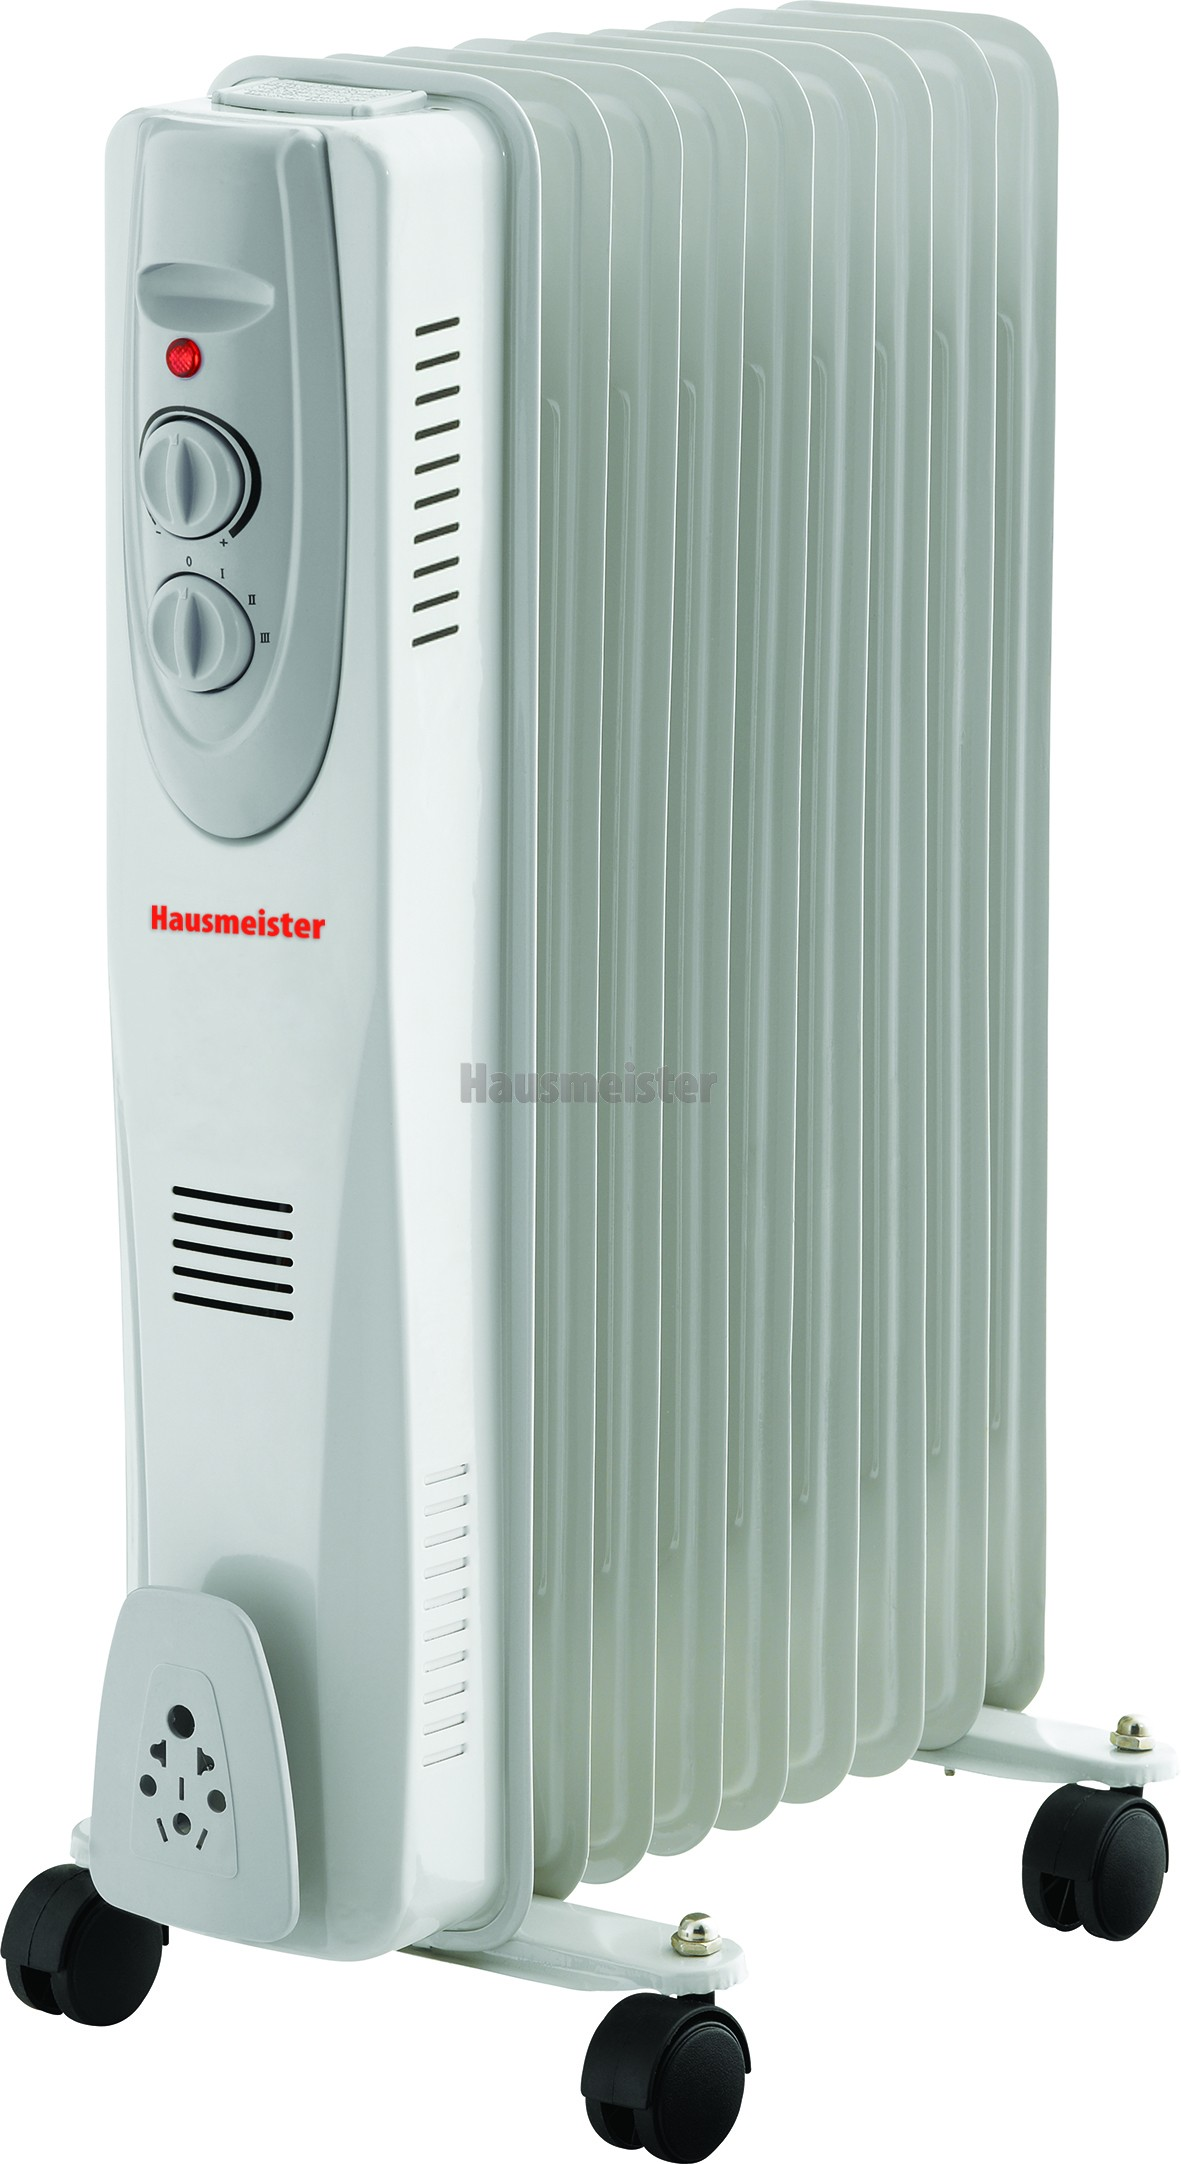 Hausmeister HM8109 9 tagos olajradiátor